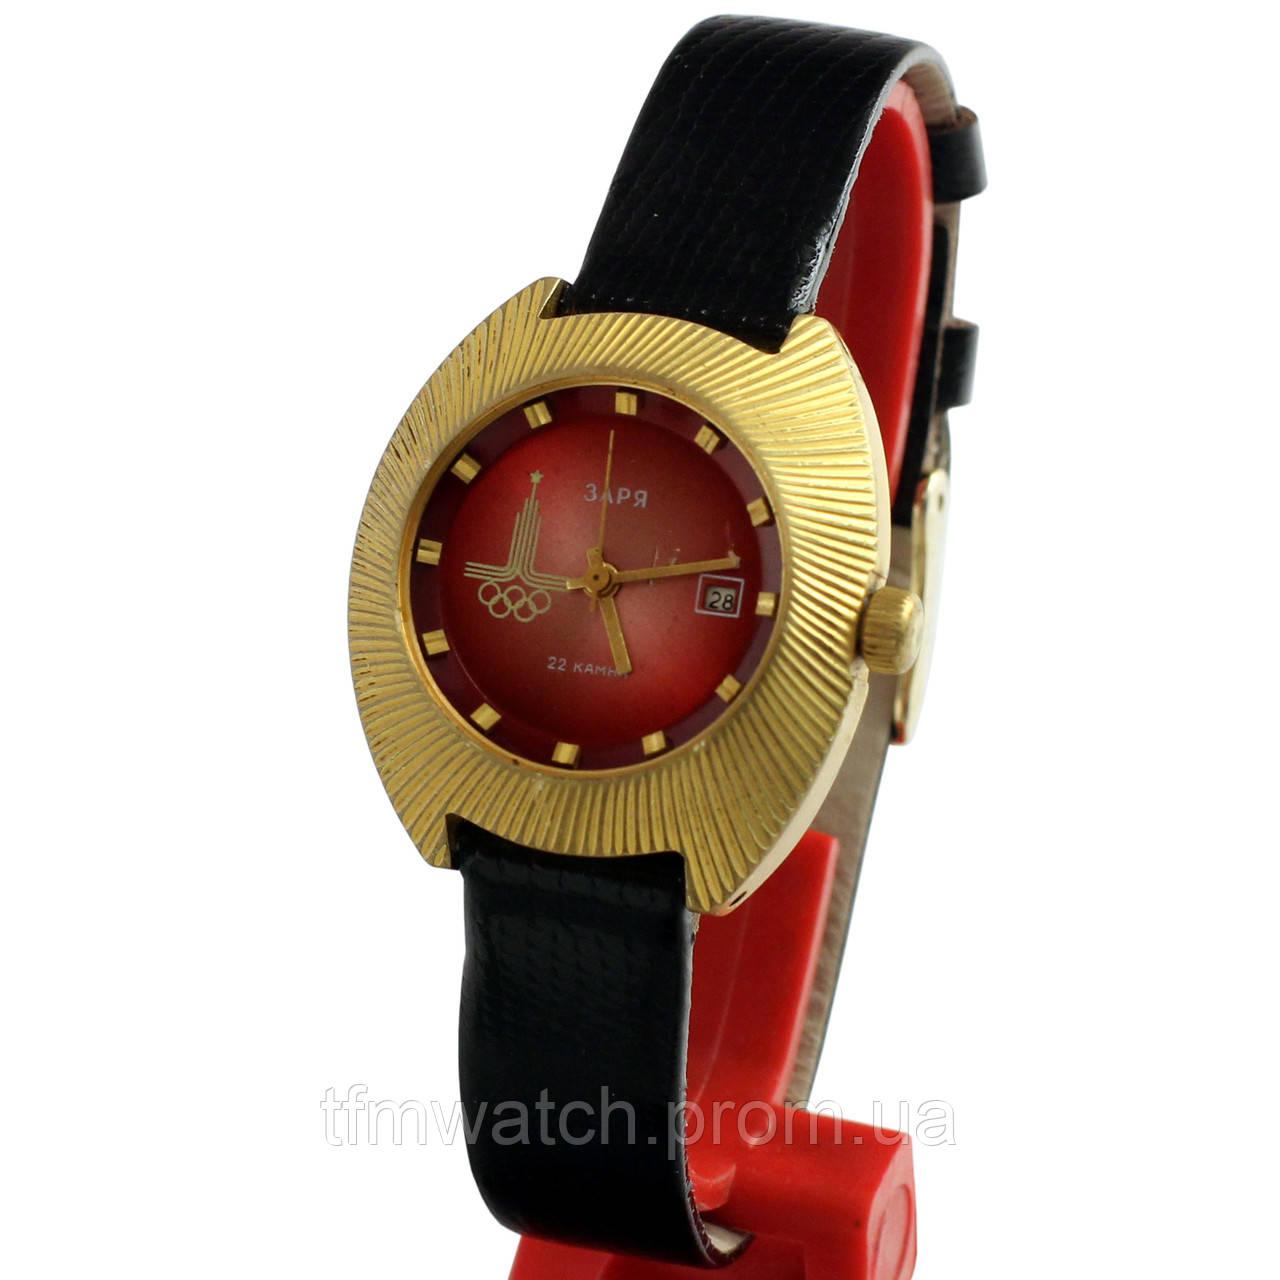 Заря часов продам старых одного дизайнера стоимость часа работы